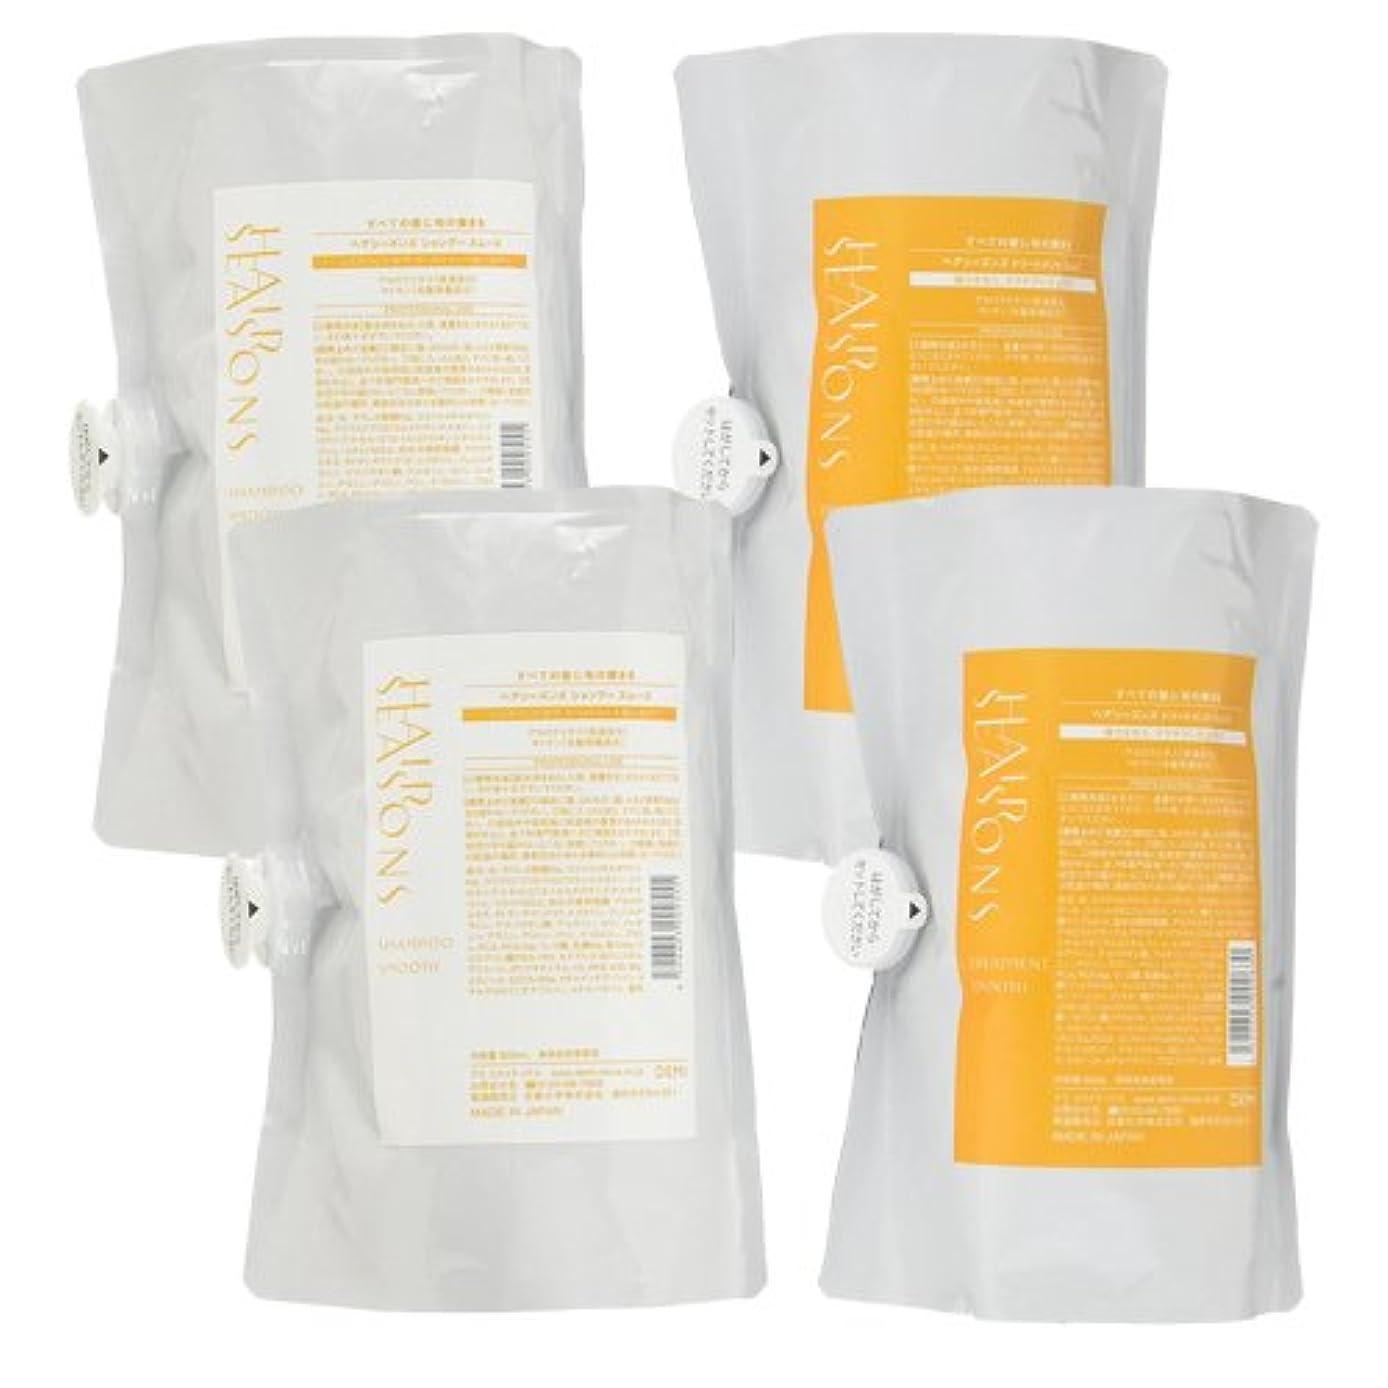 ソーダ水穀物到着するデミ ヘアシーズンズ シャンプー スムース 800mL 詰め替え ×2個 + トリートメント スムース 800g 詰め替え ×2個 セット